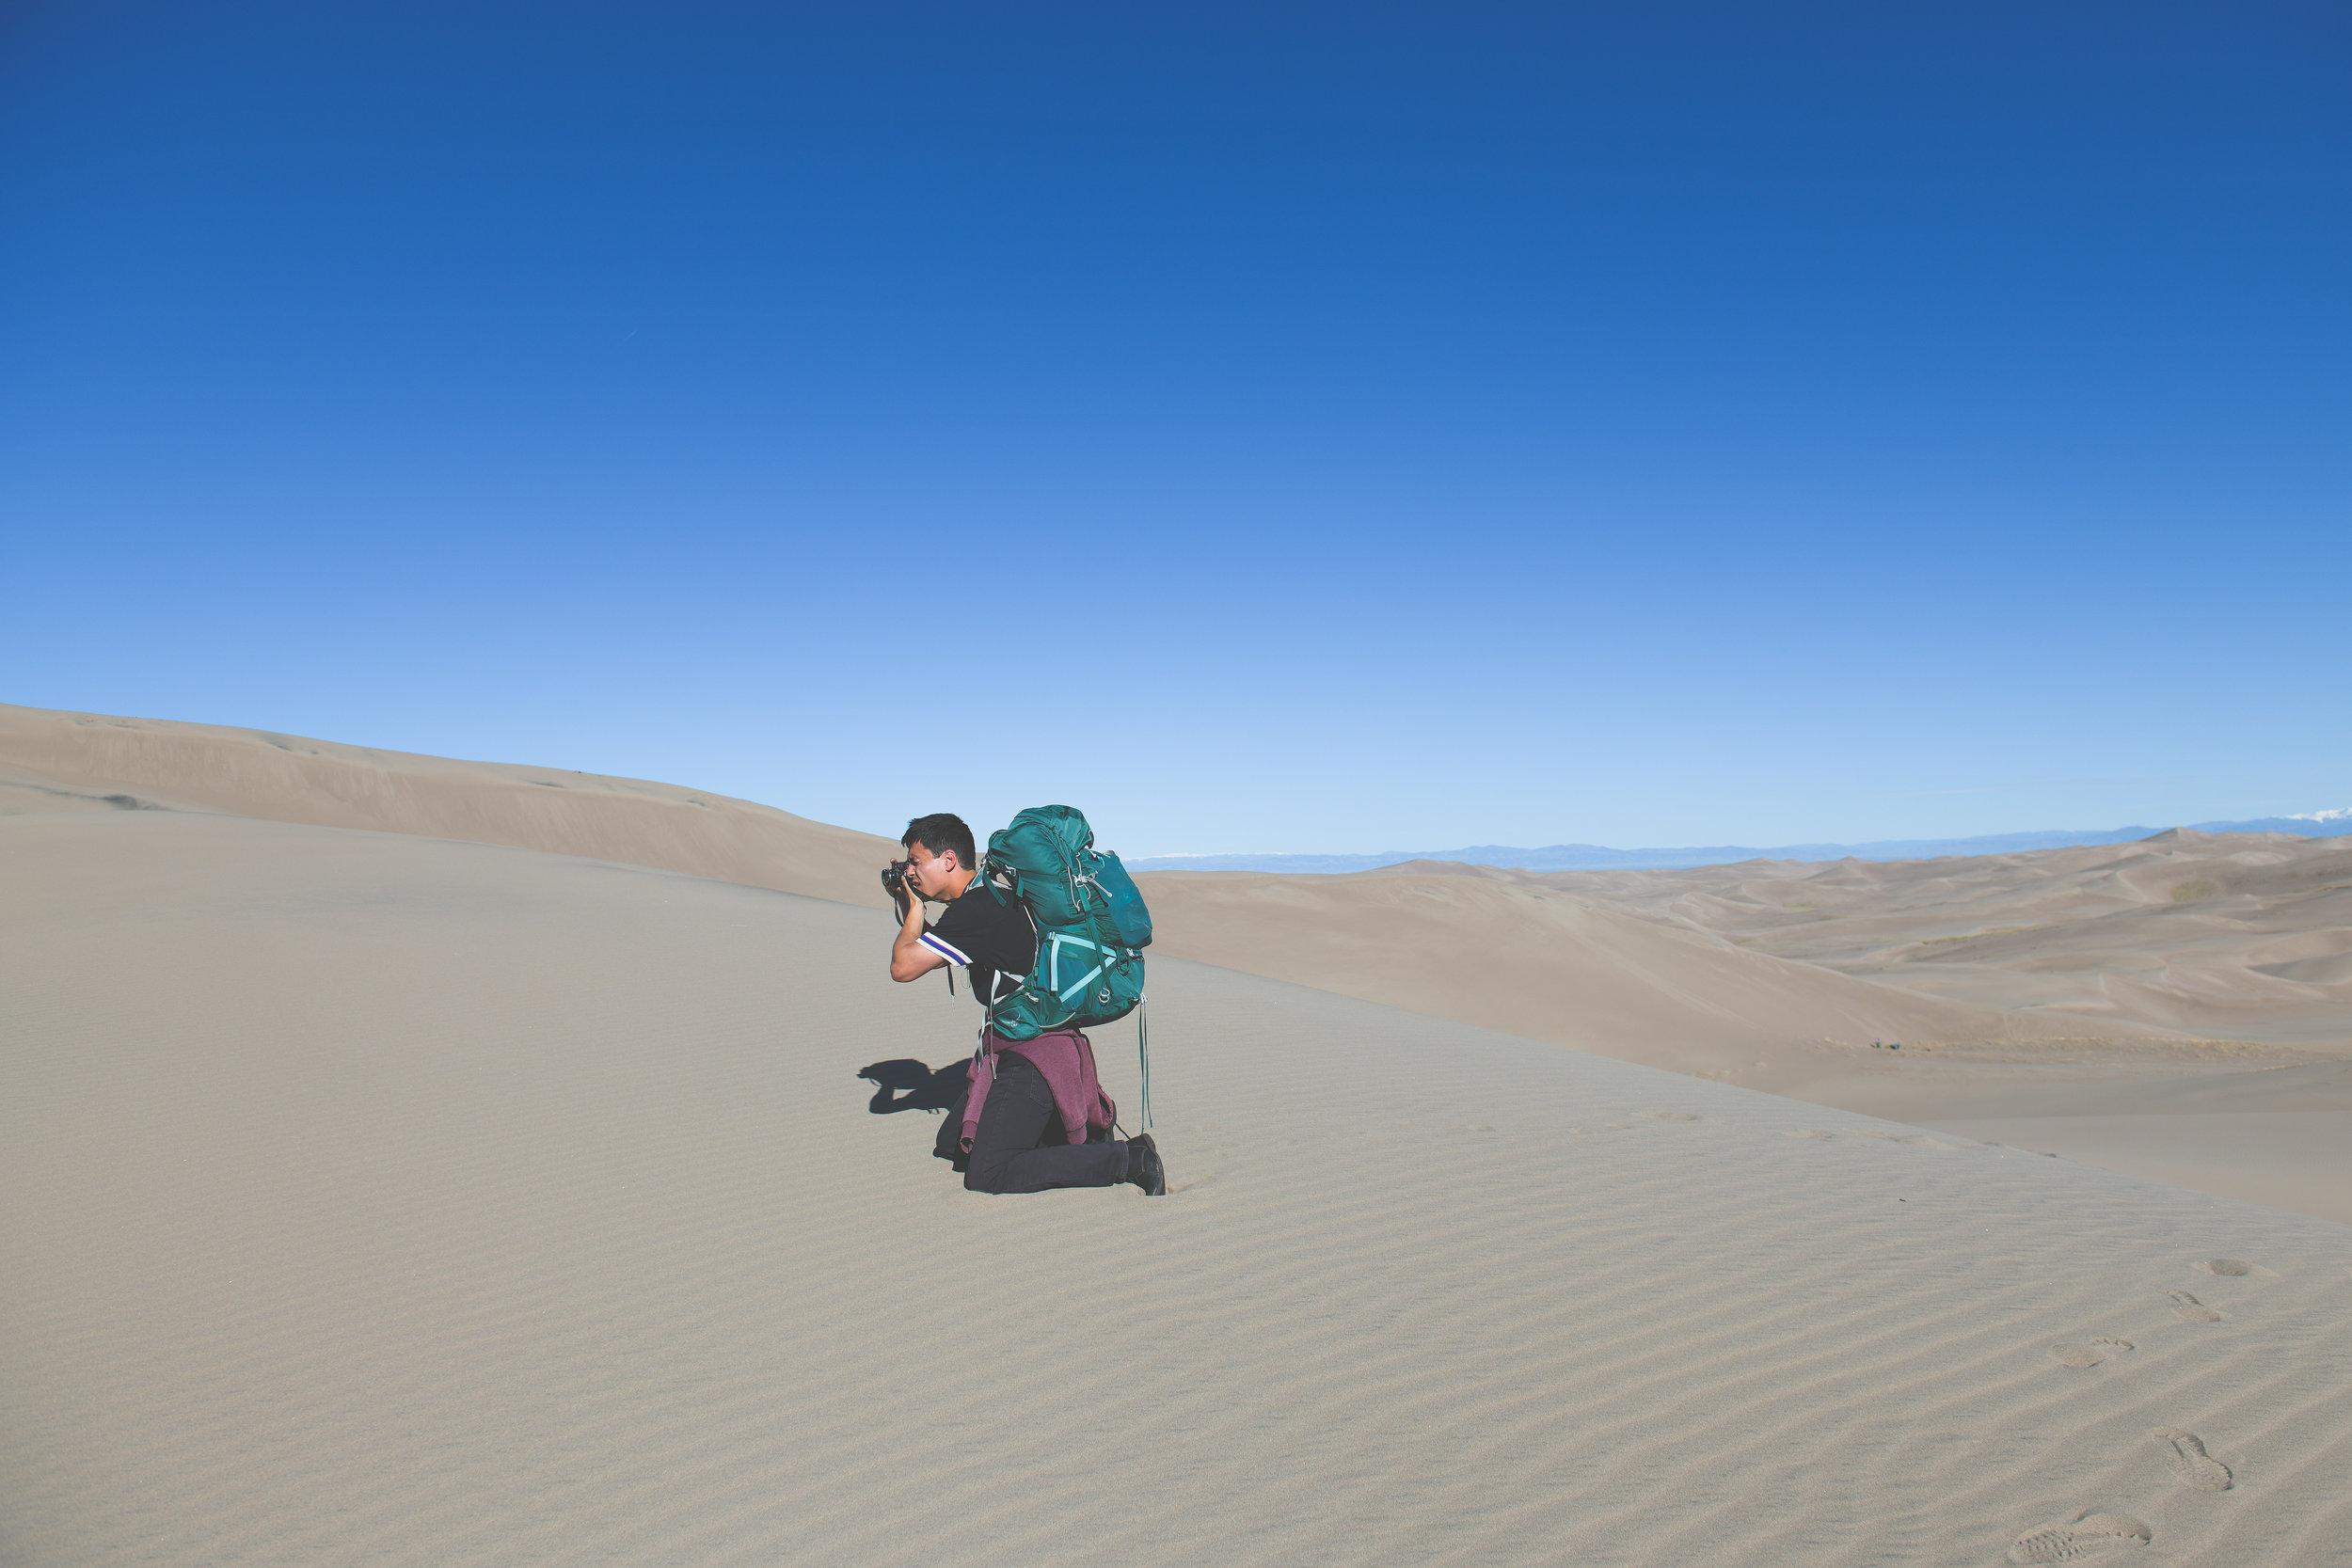 05252019_bruce_sand dunes_0236.jpg